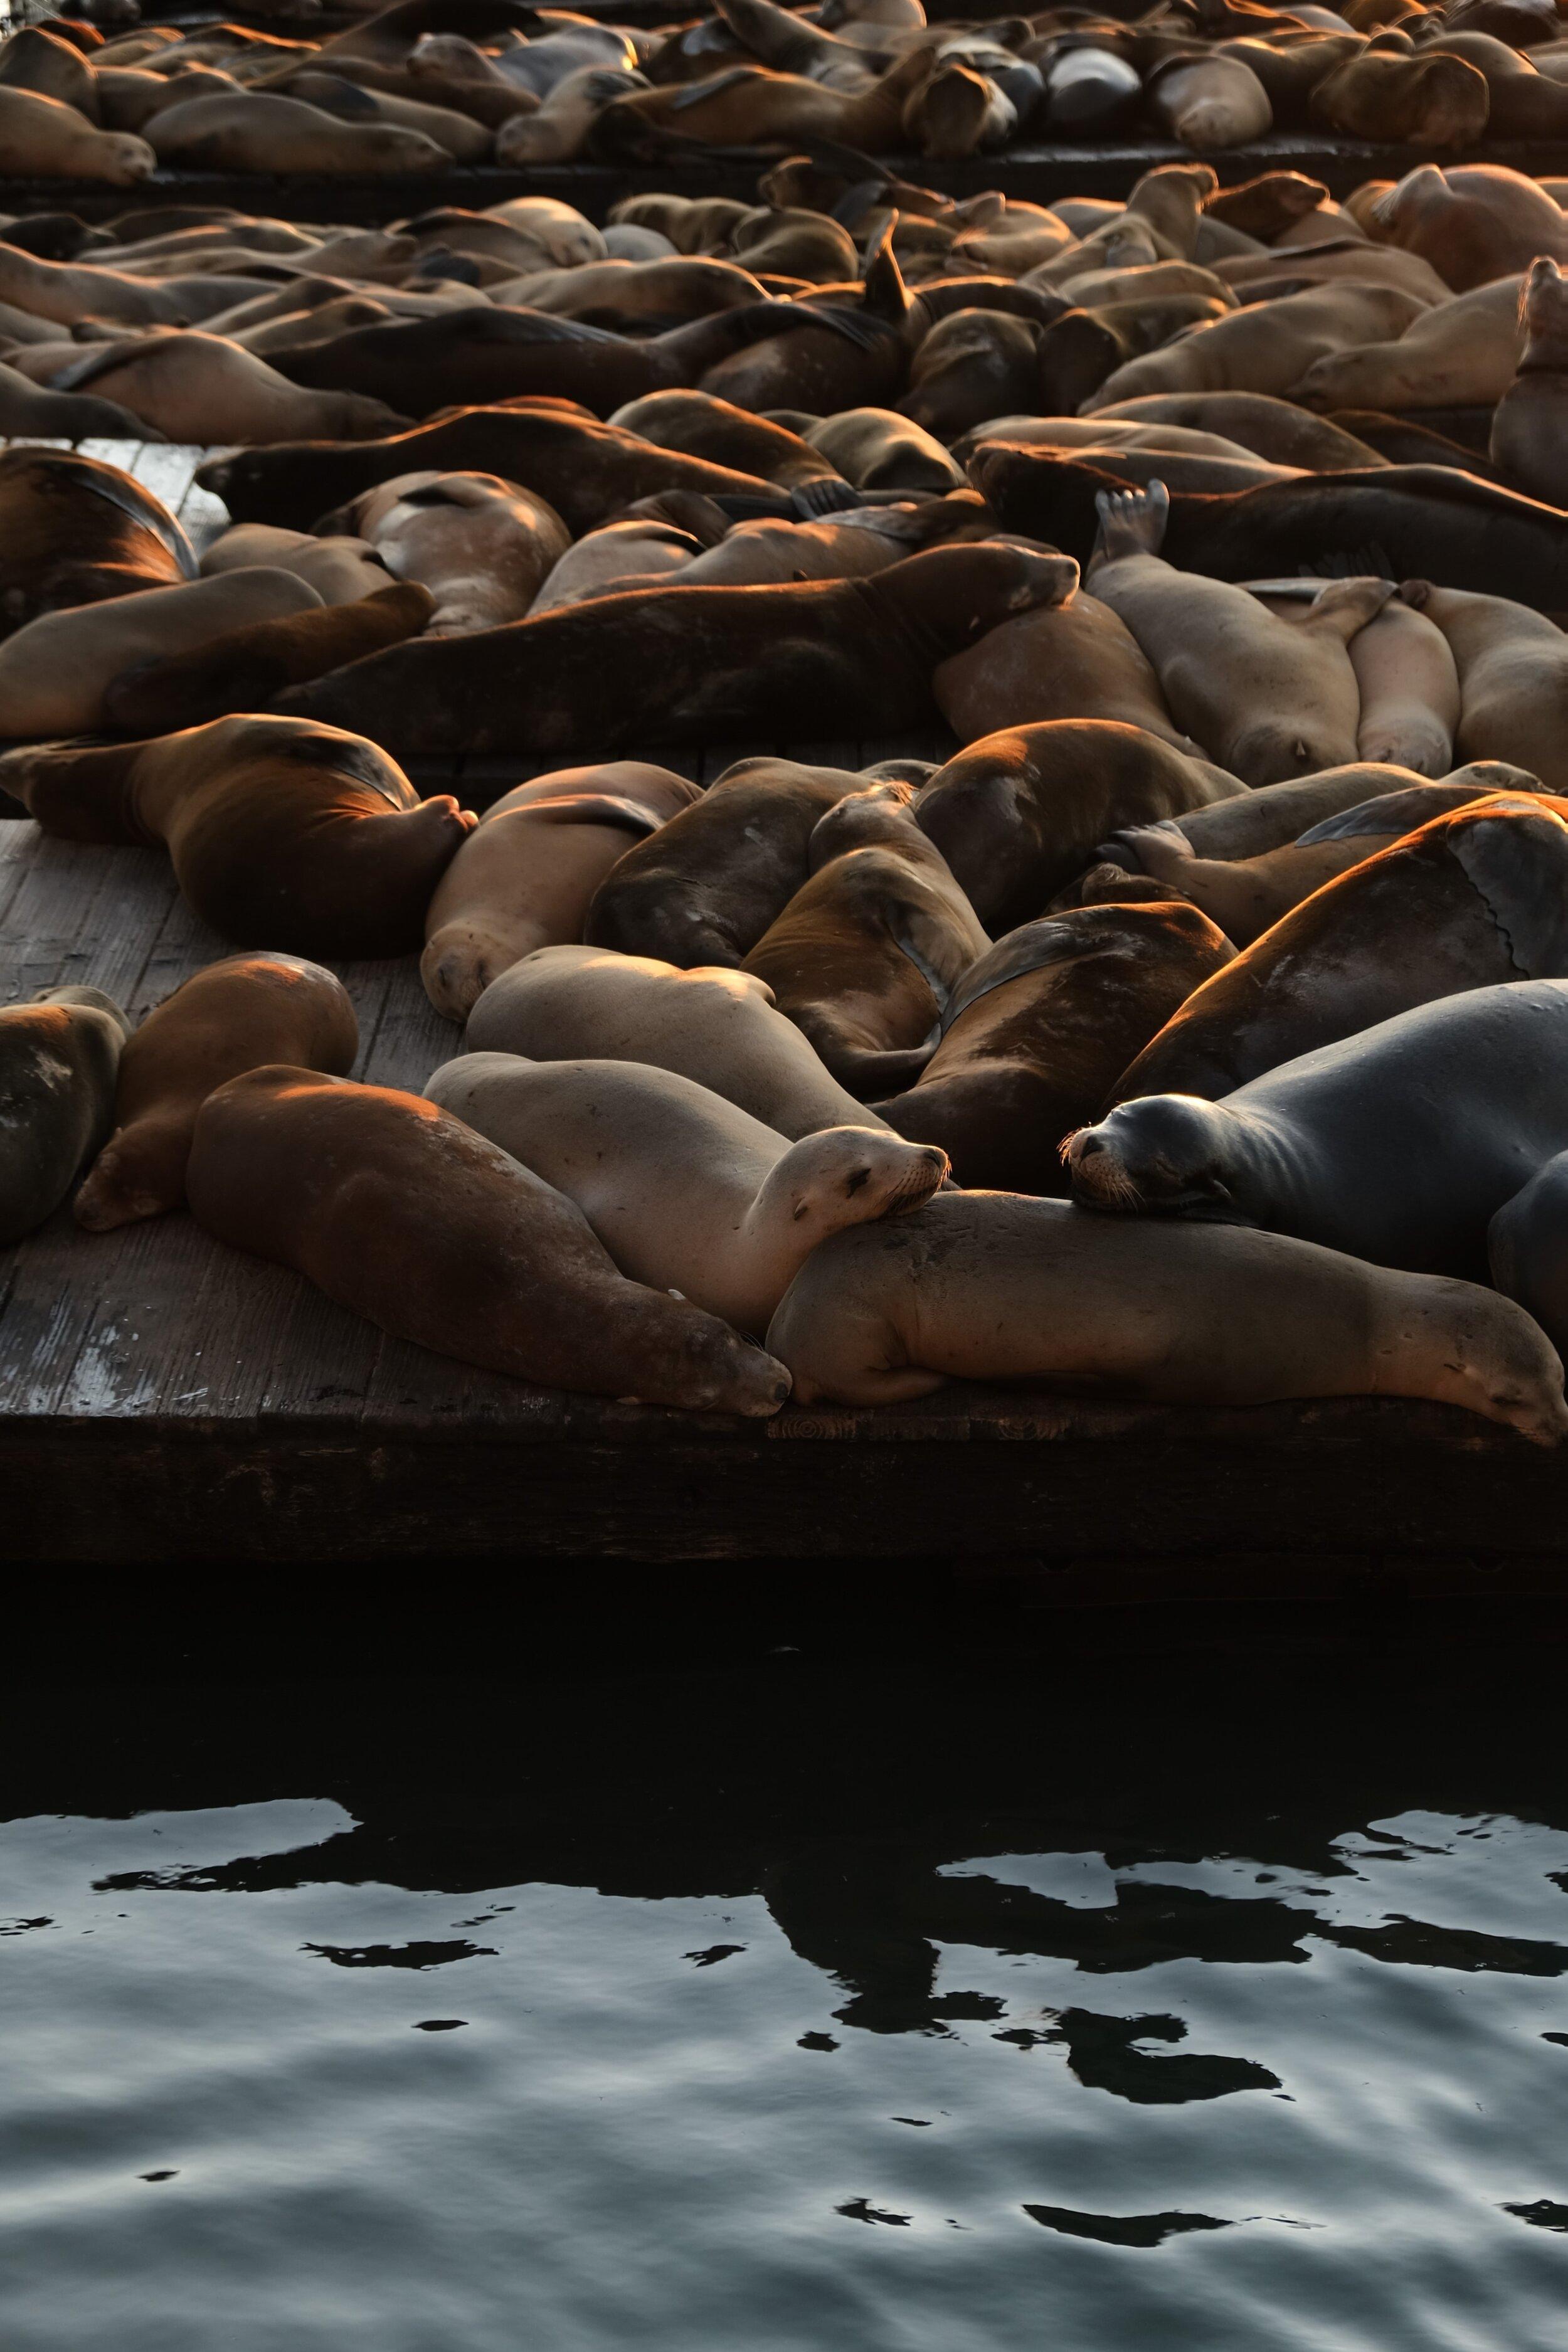 Even felons need sea lions